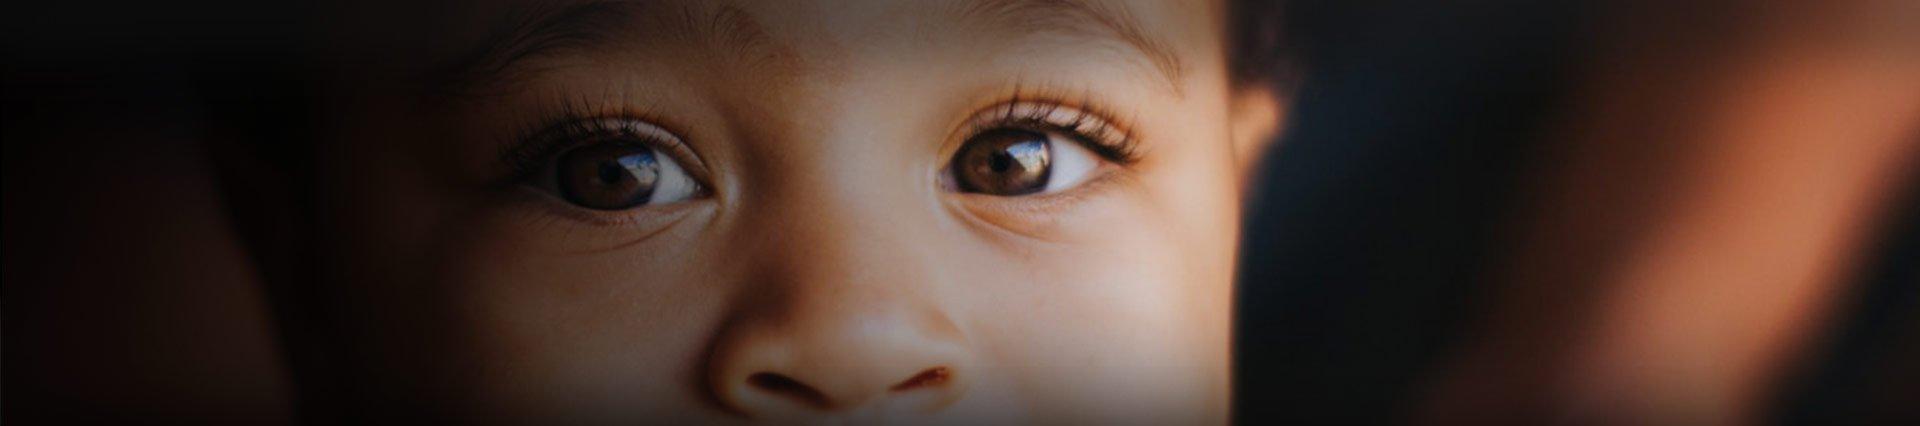 infant-health-banner